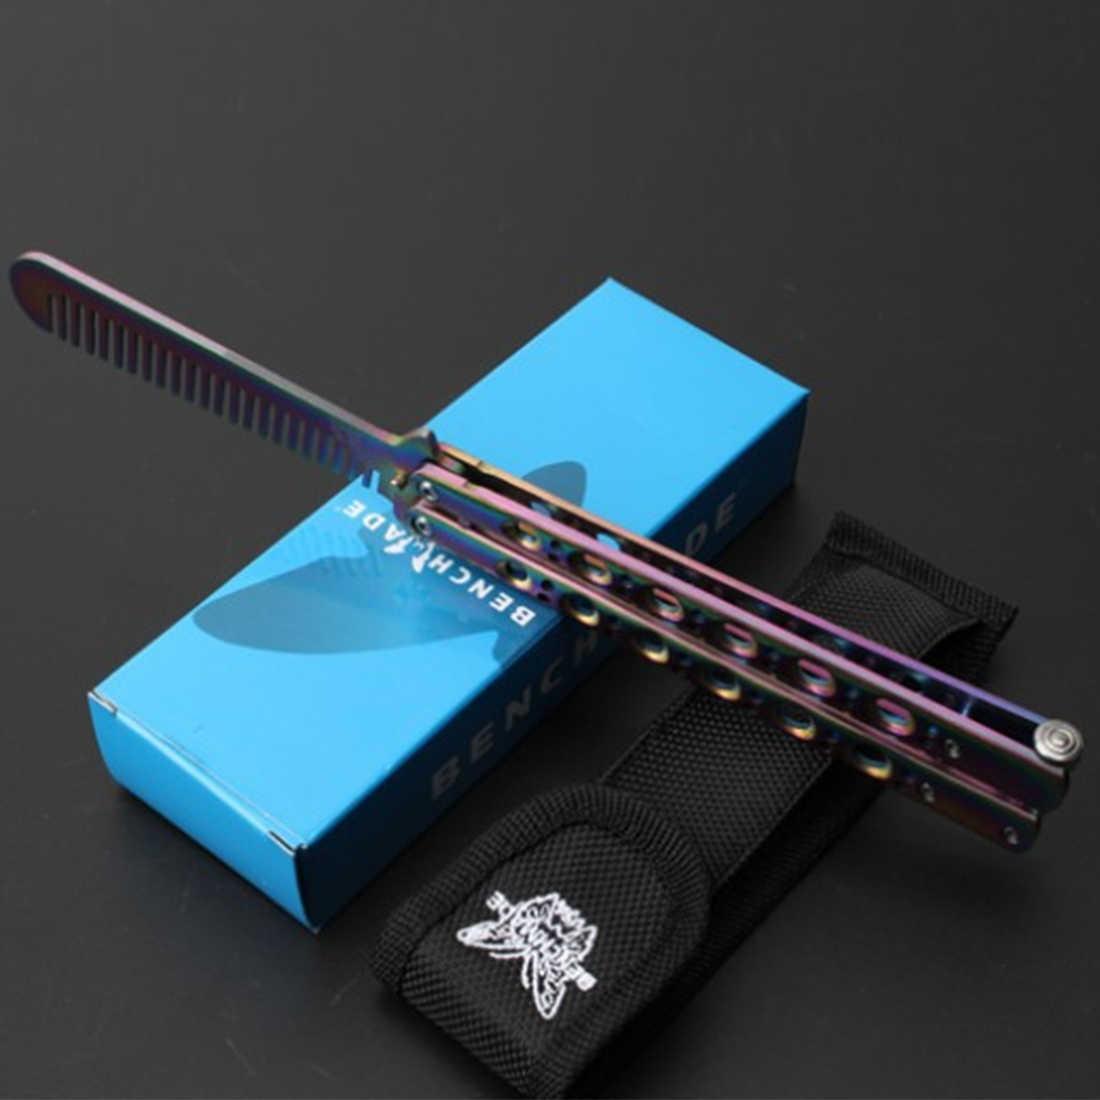 فراشة في سكين 23 سنتيمتر التدريب سكين للفرد أداة مملة التيتانيوم المغلفة الفولاذ المقاوم للصدأ فراشة سكين للفرد ليست حادة